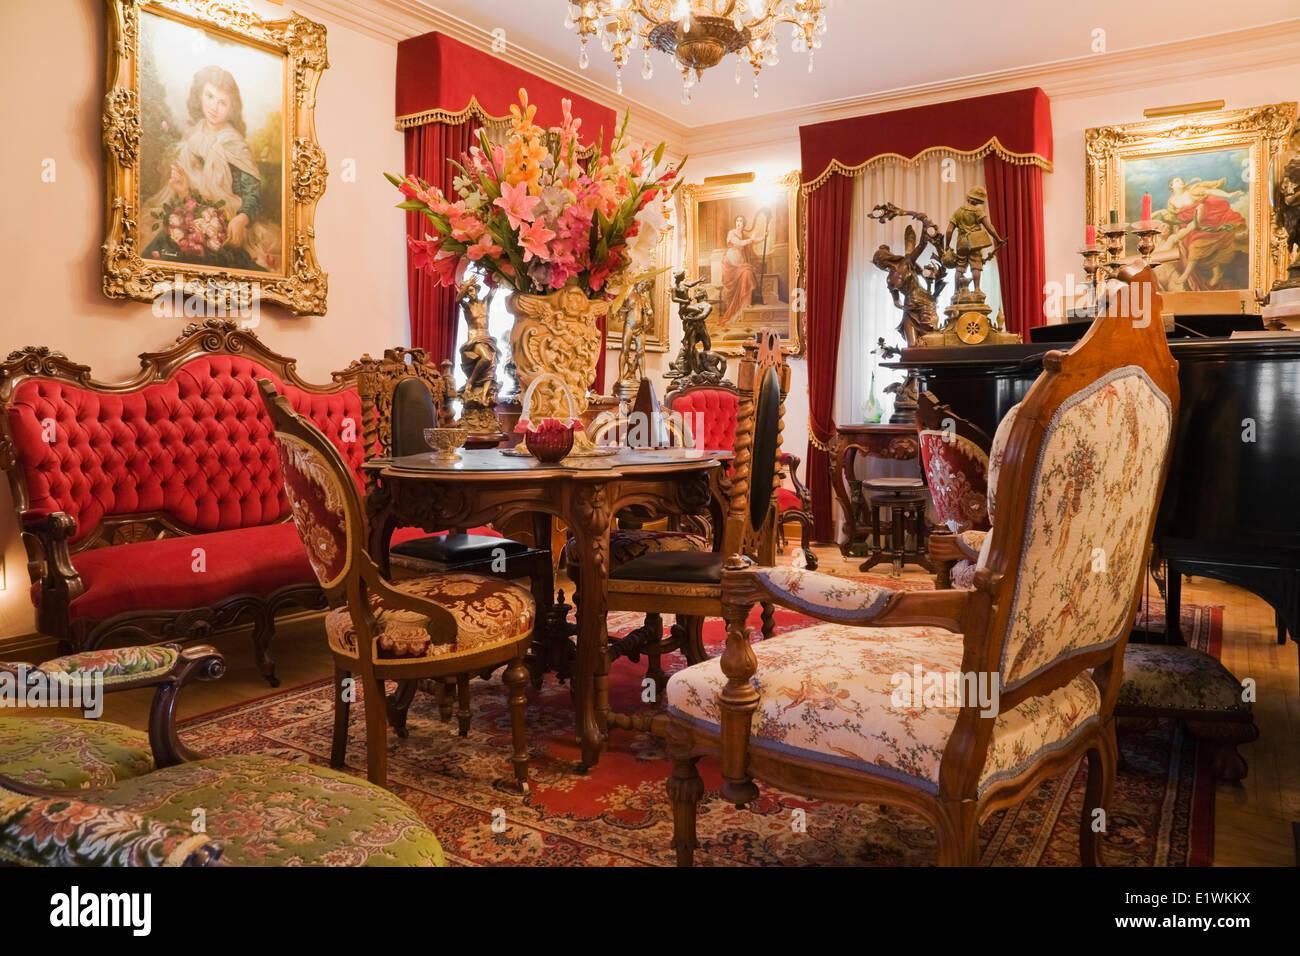 Herrenhaus Möbel antike möbel möbel schmücken ein wohnzimmer in ein viktorianisches